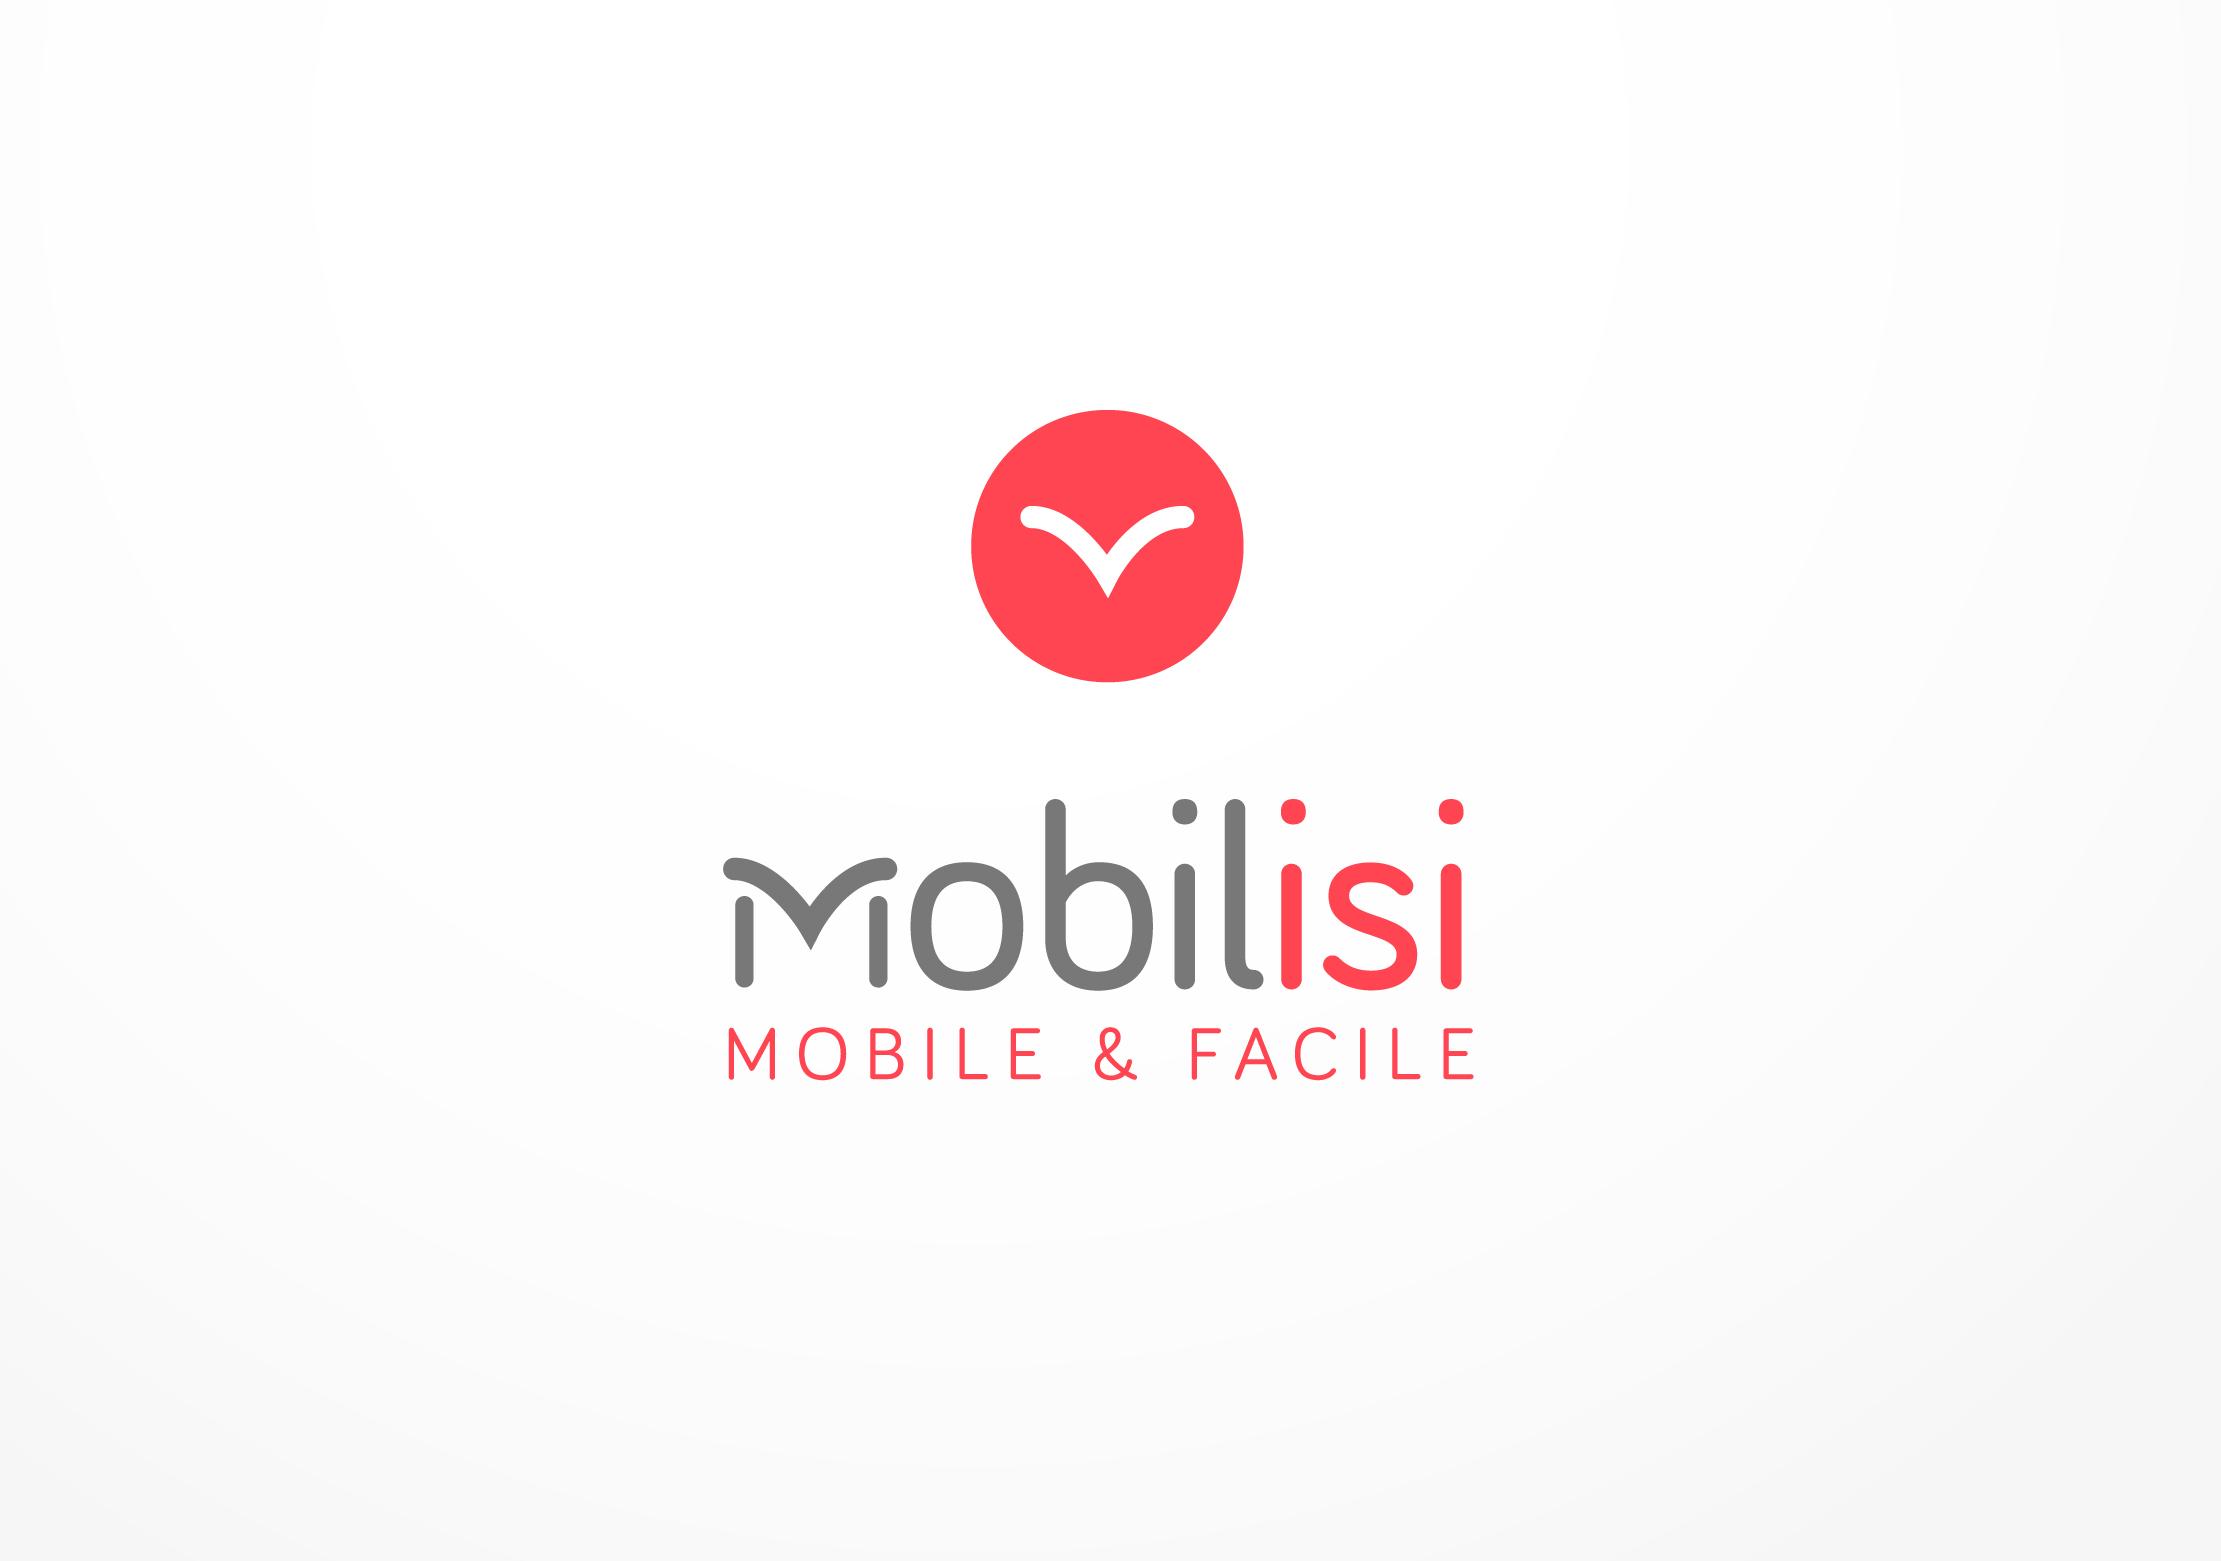 MOBILISI